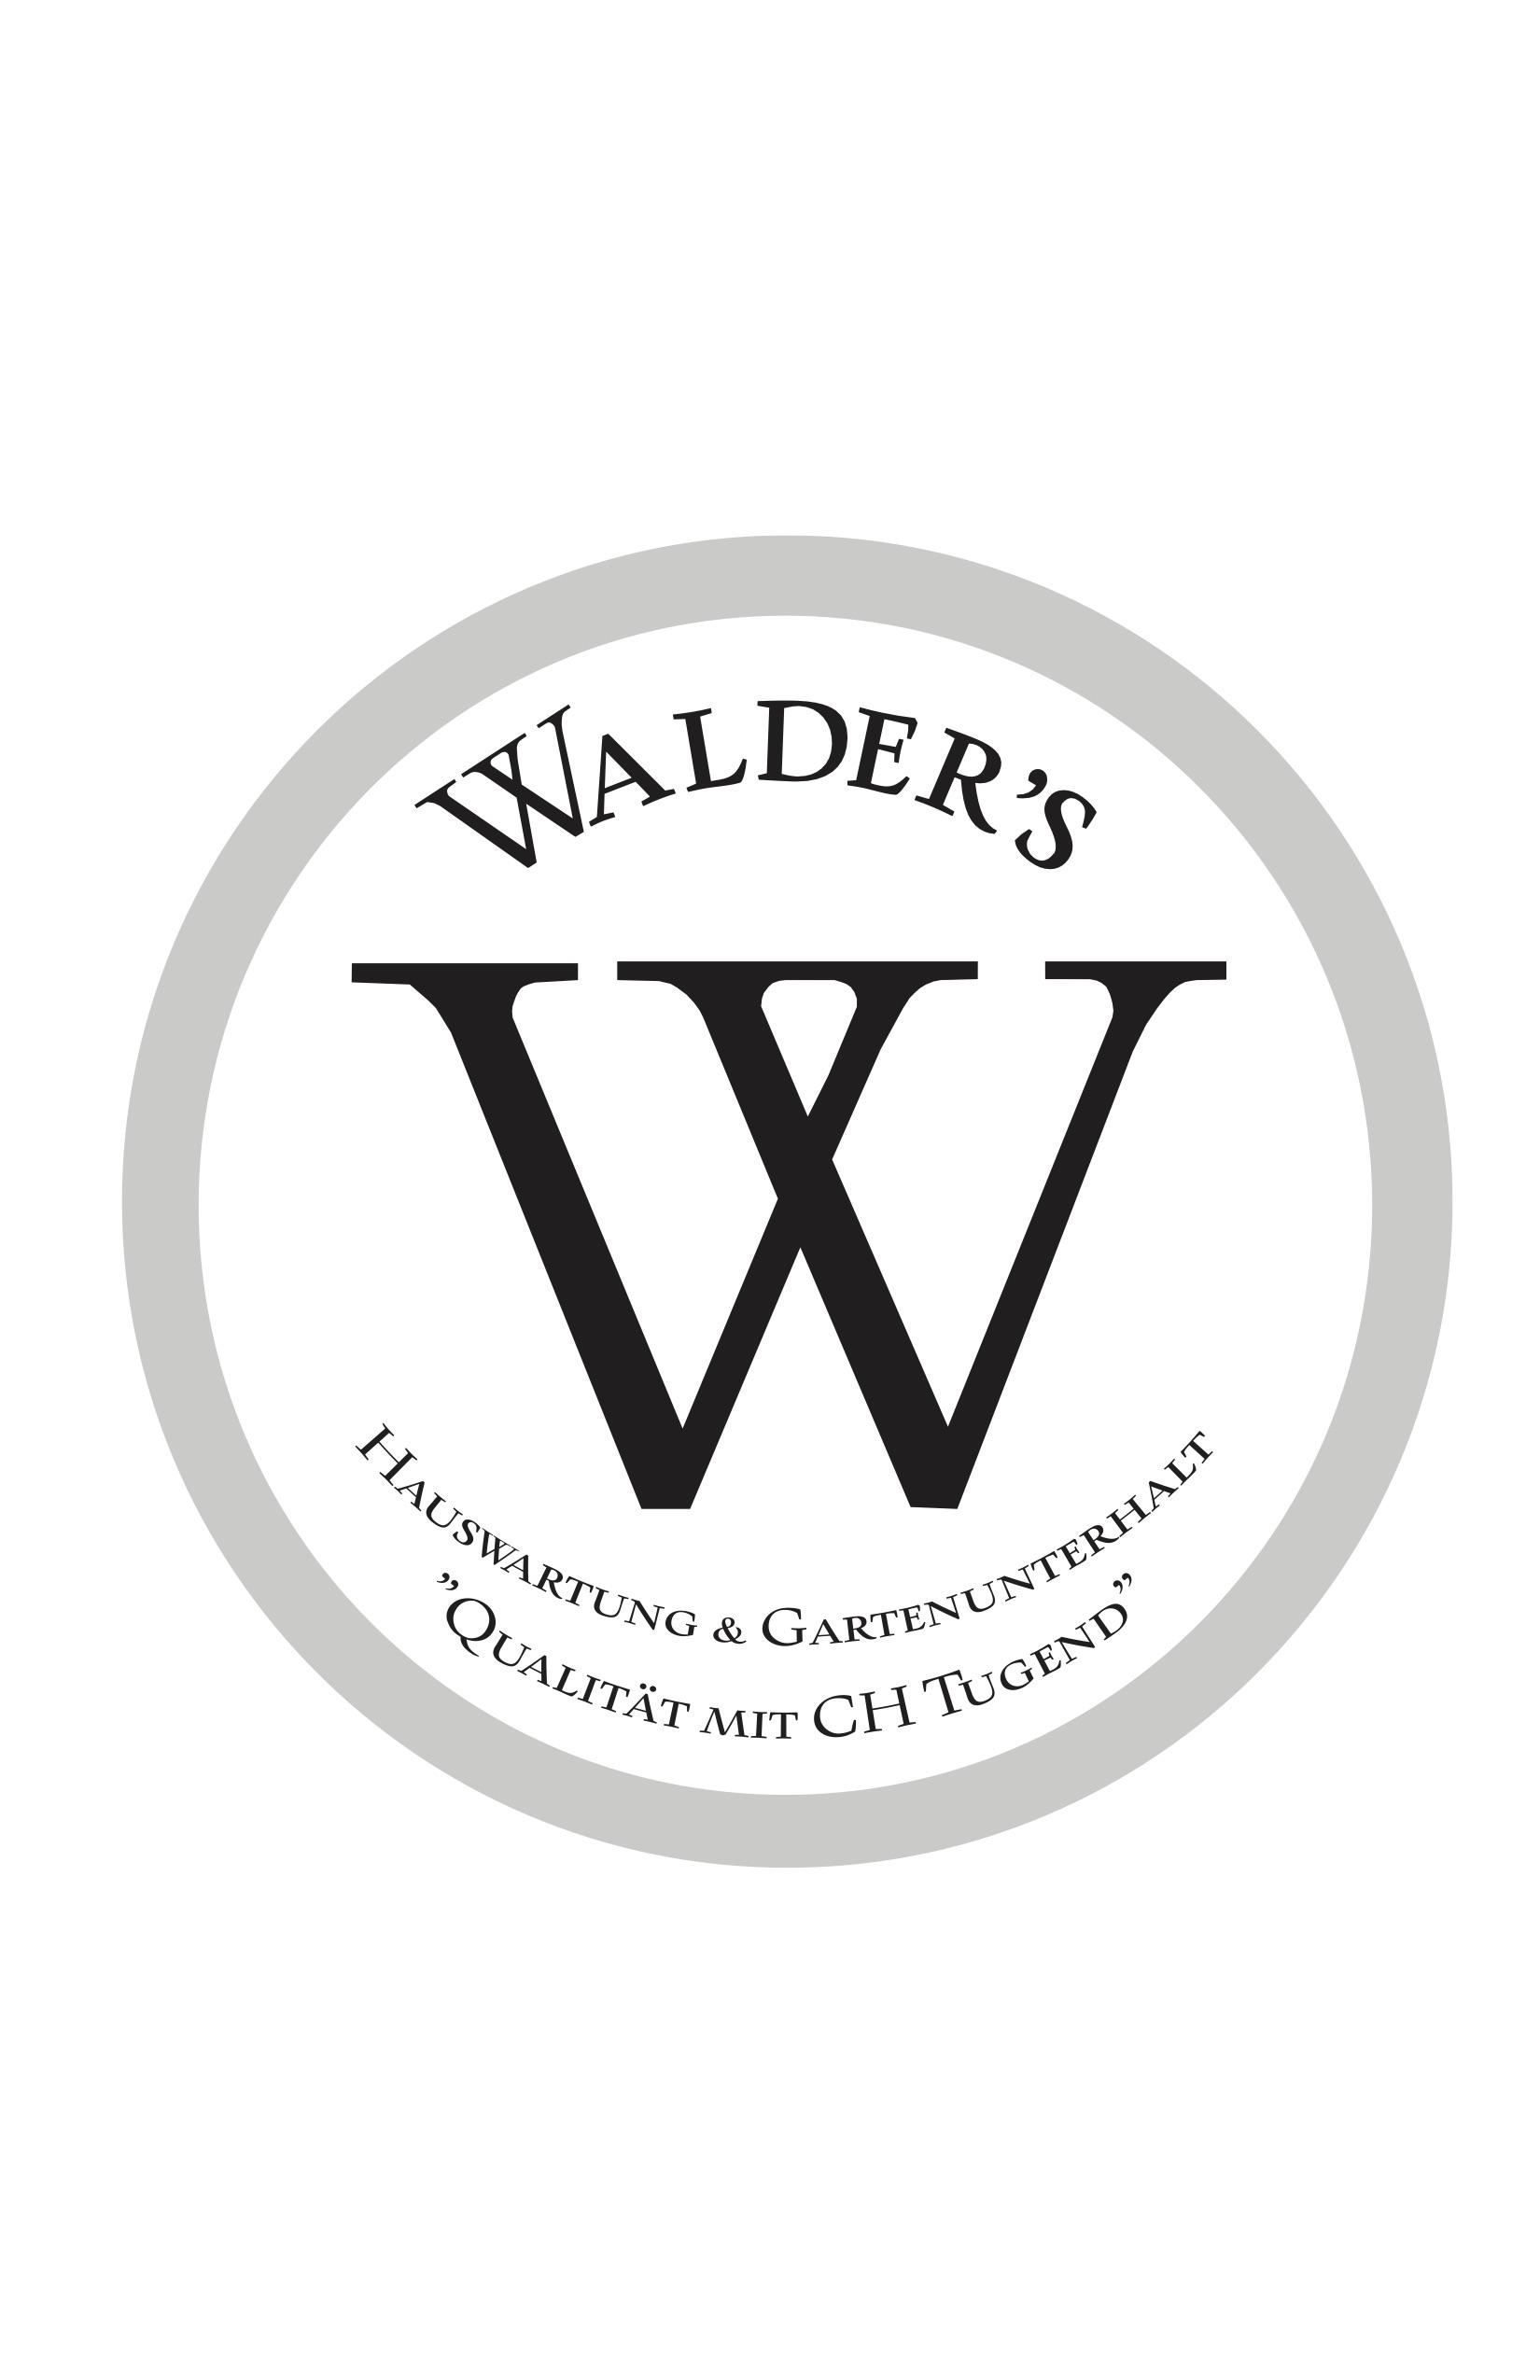 Walder's Hauswartung & Gartenunterhalt AG